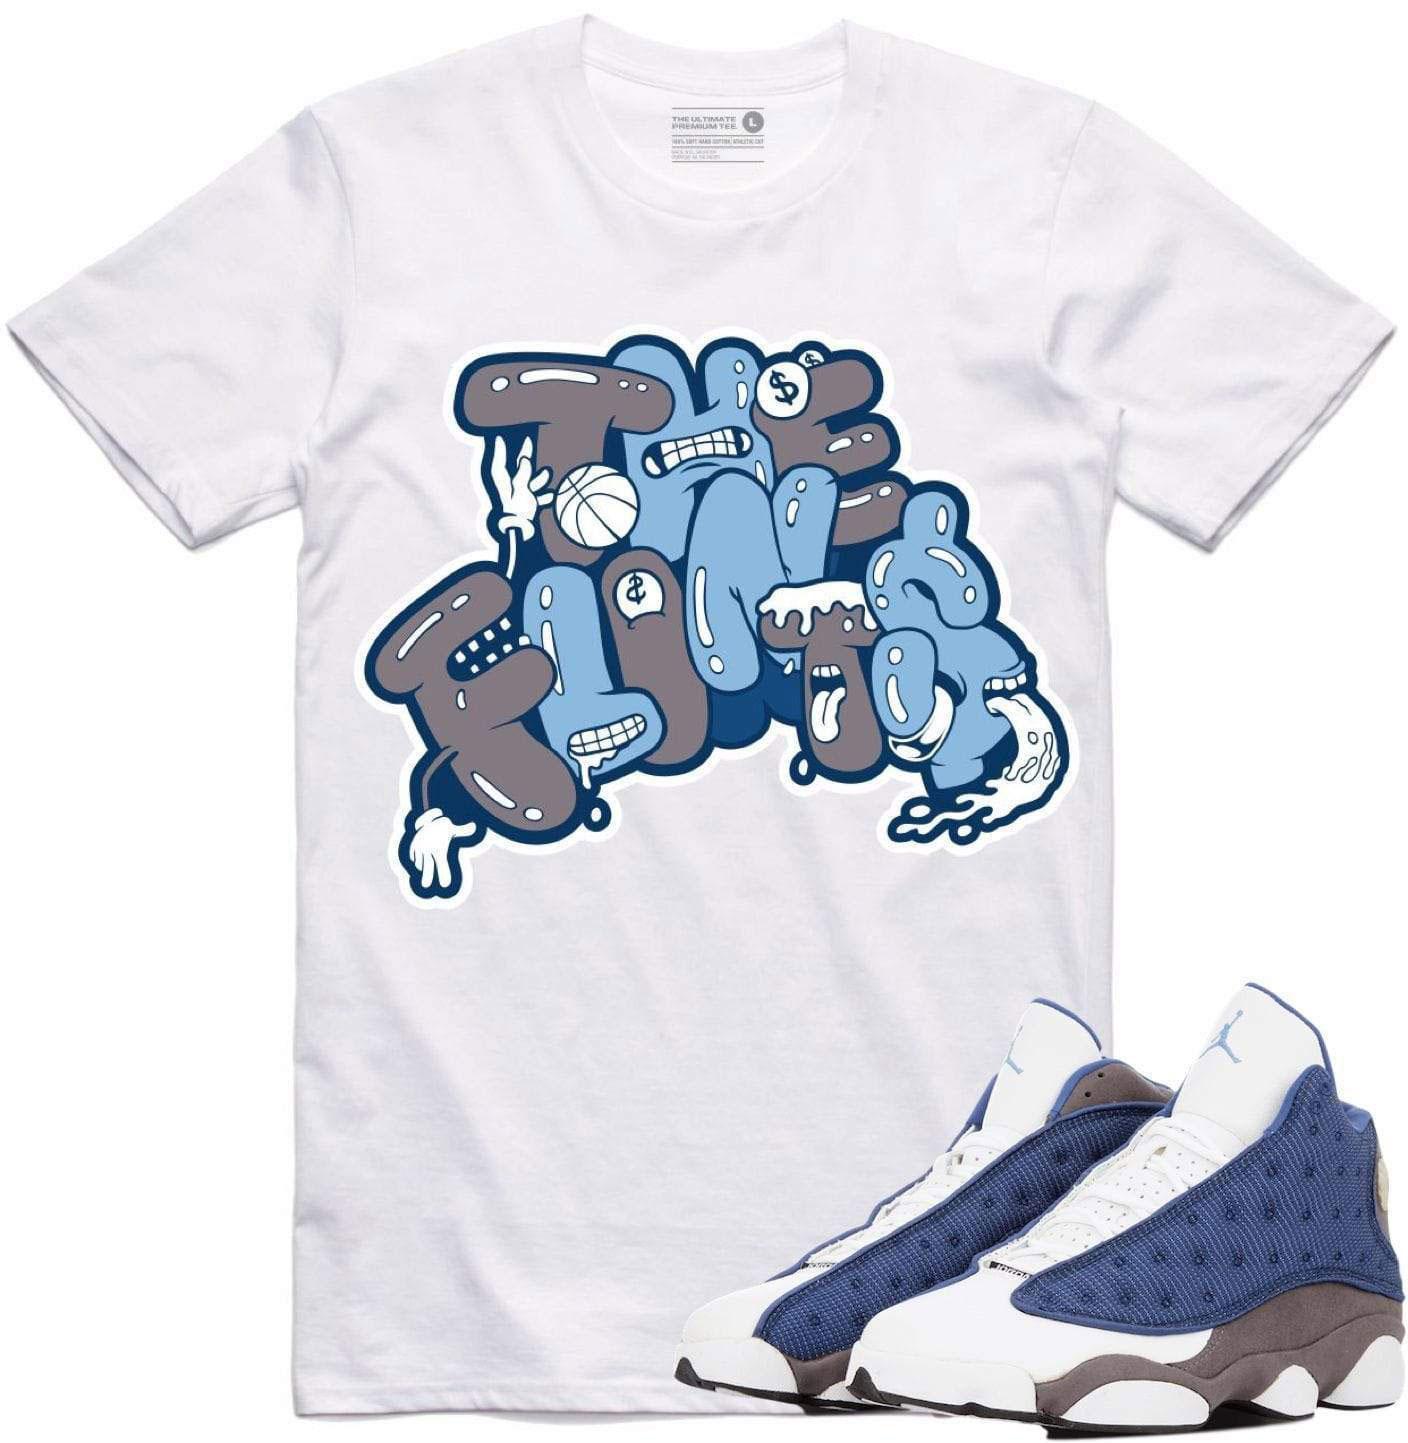 air-jordan-13-flint-sneaker-tee-shirt-1